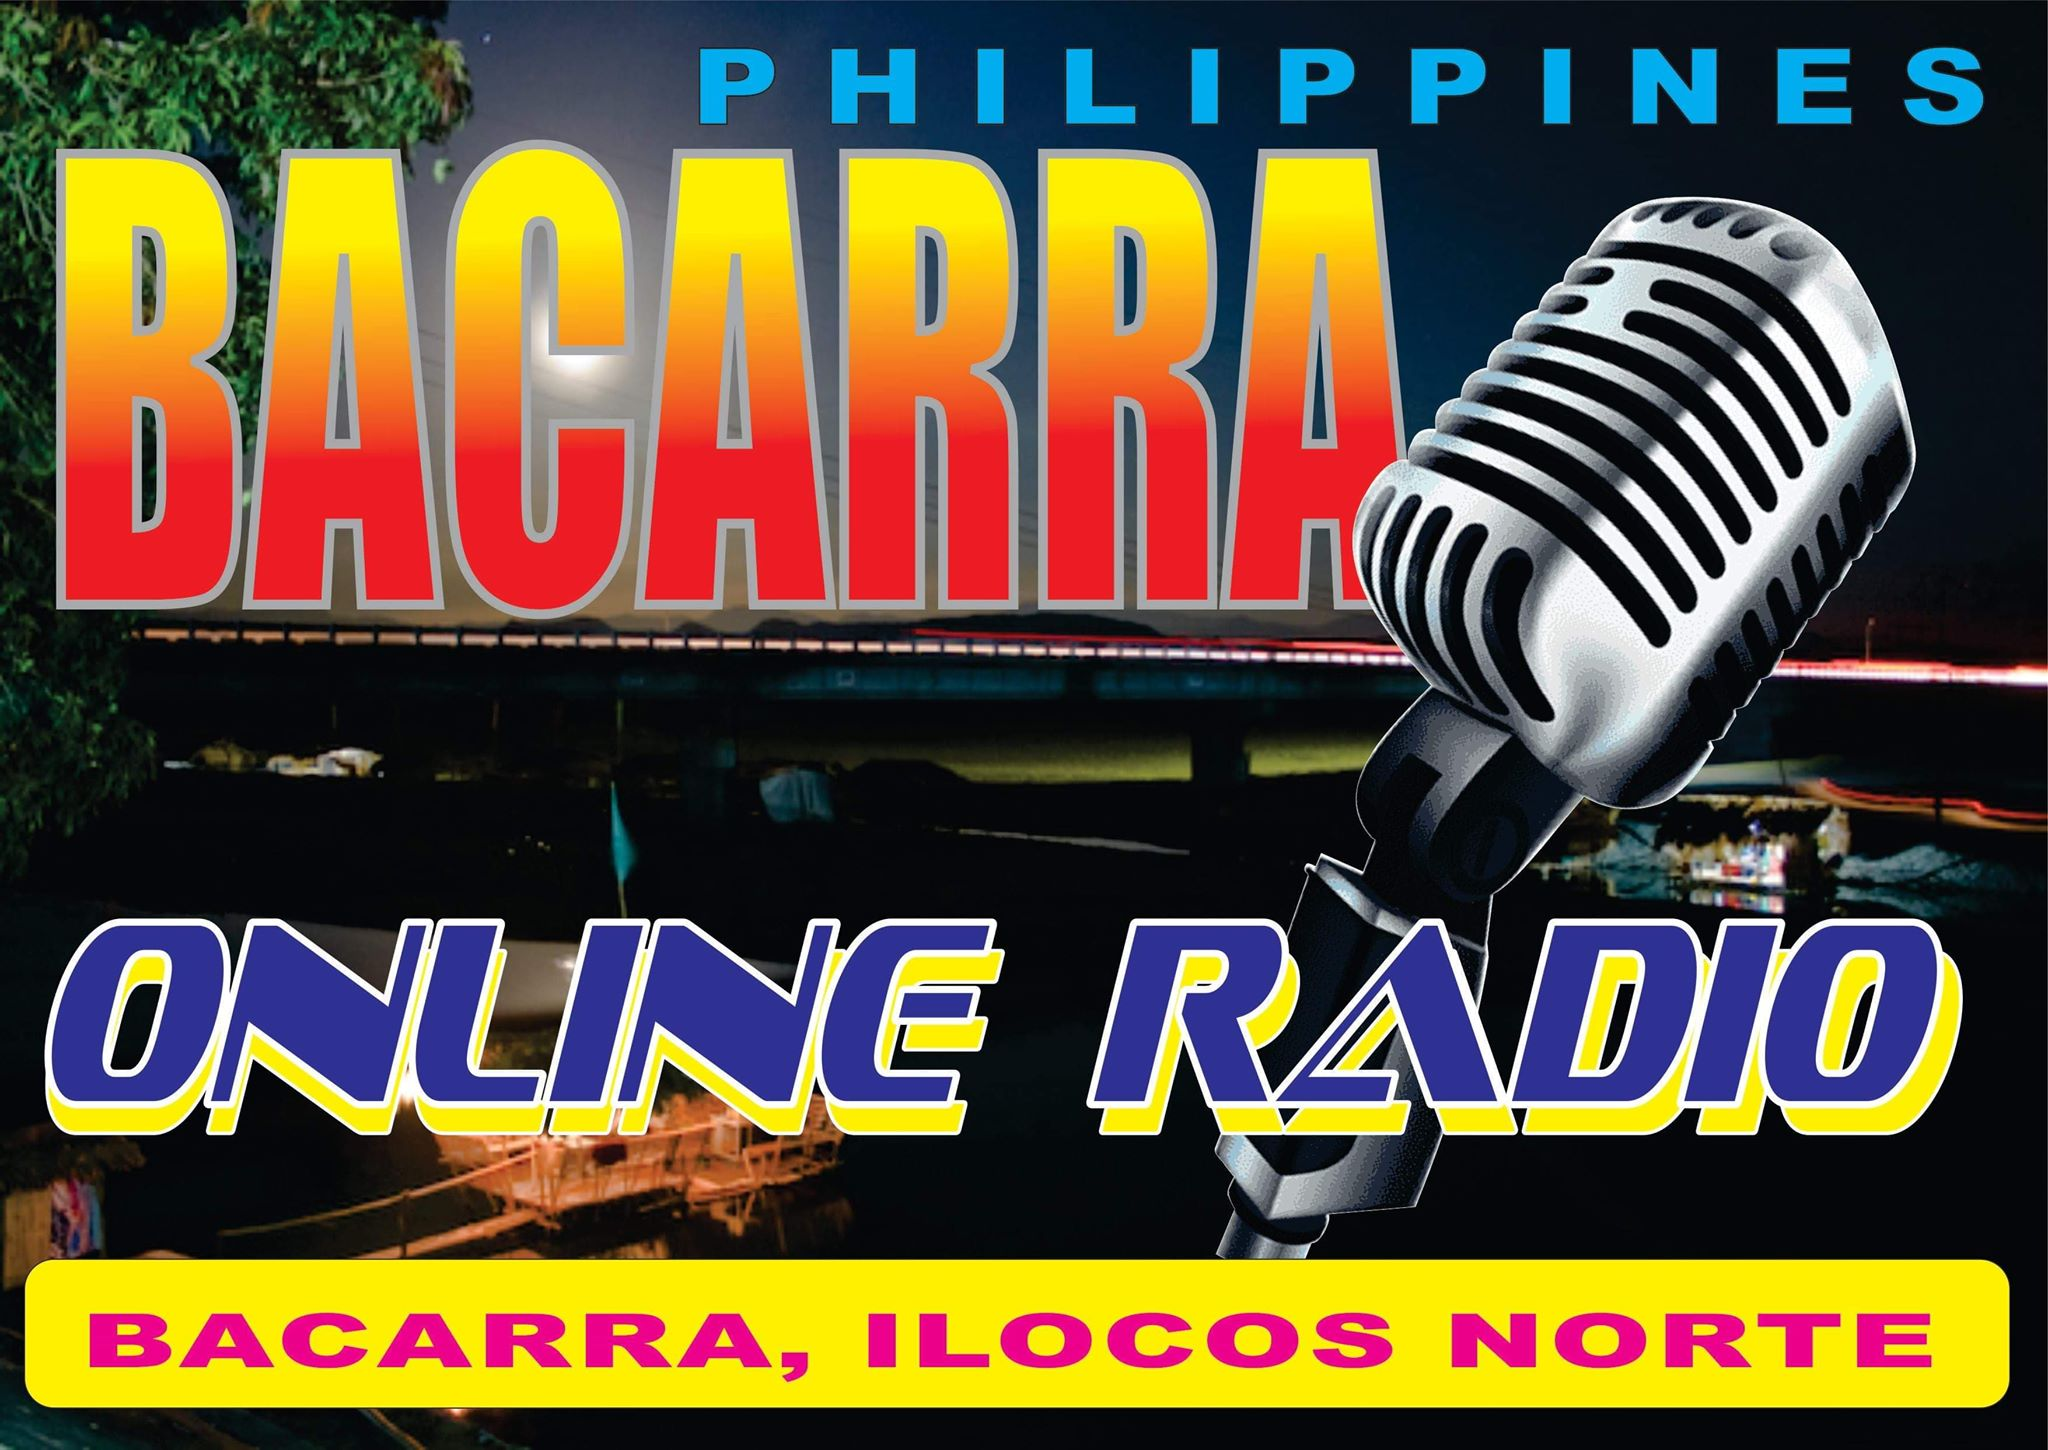 Bacarra Hottest Online Radio Philippines